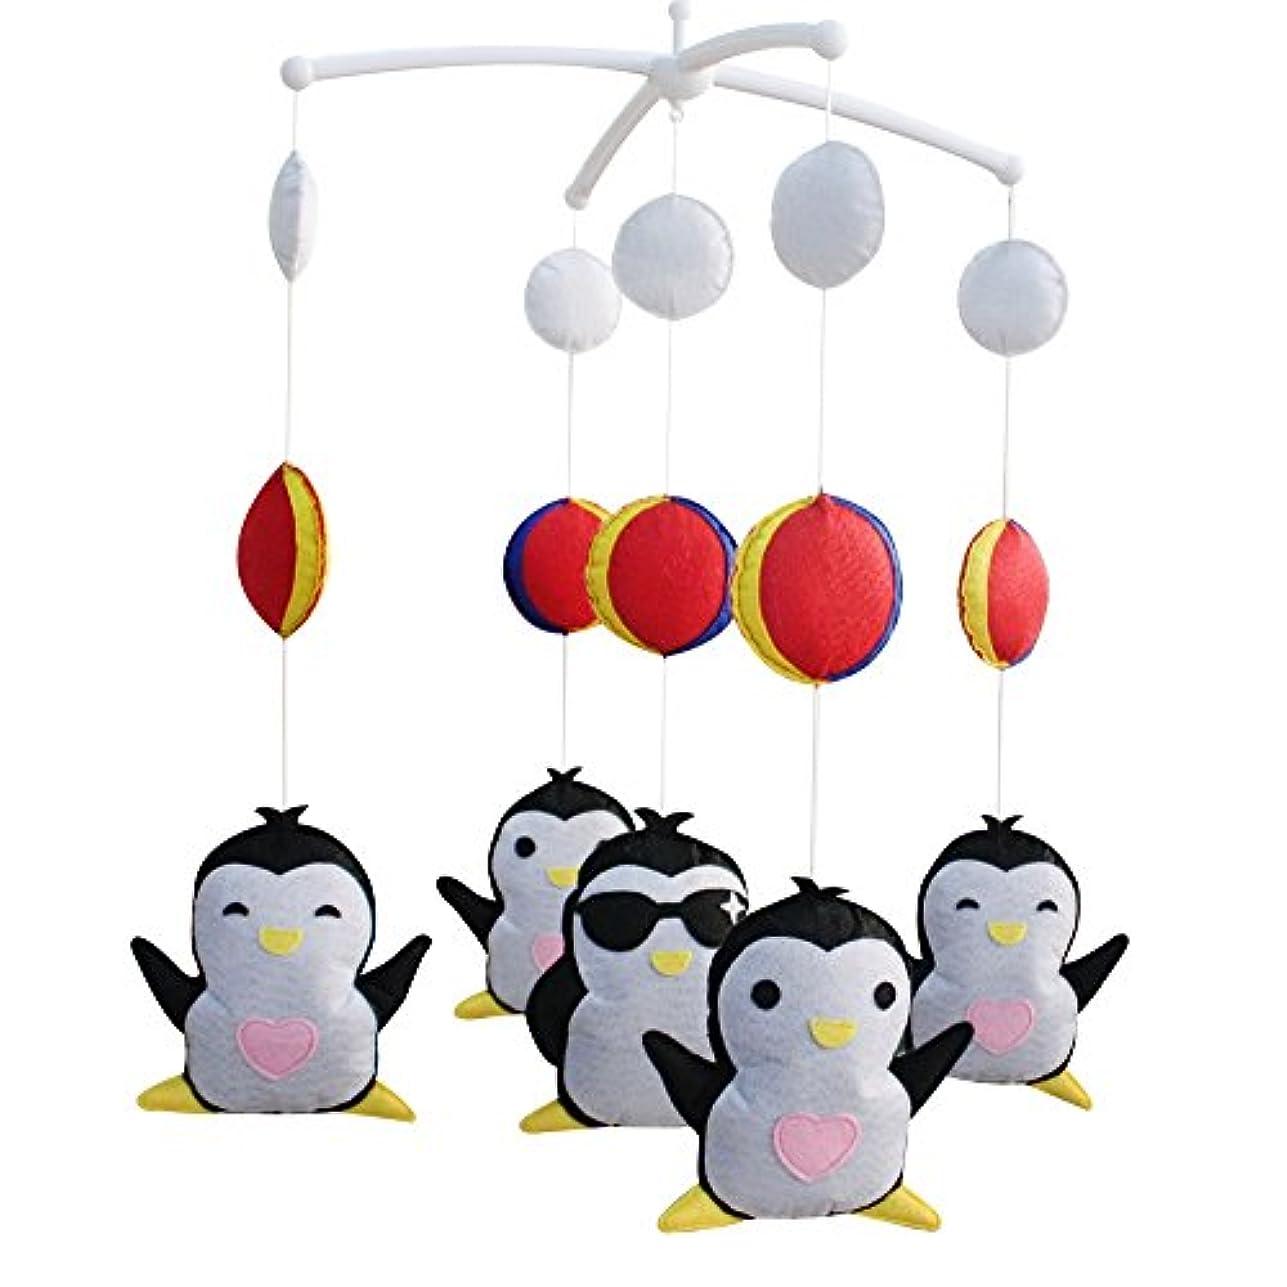 スタウト好意的準備する[ハッピーペンギン]ミュージカルベイビーモバイルナーサリーアニマルベイビーモバイルベビーベッド